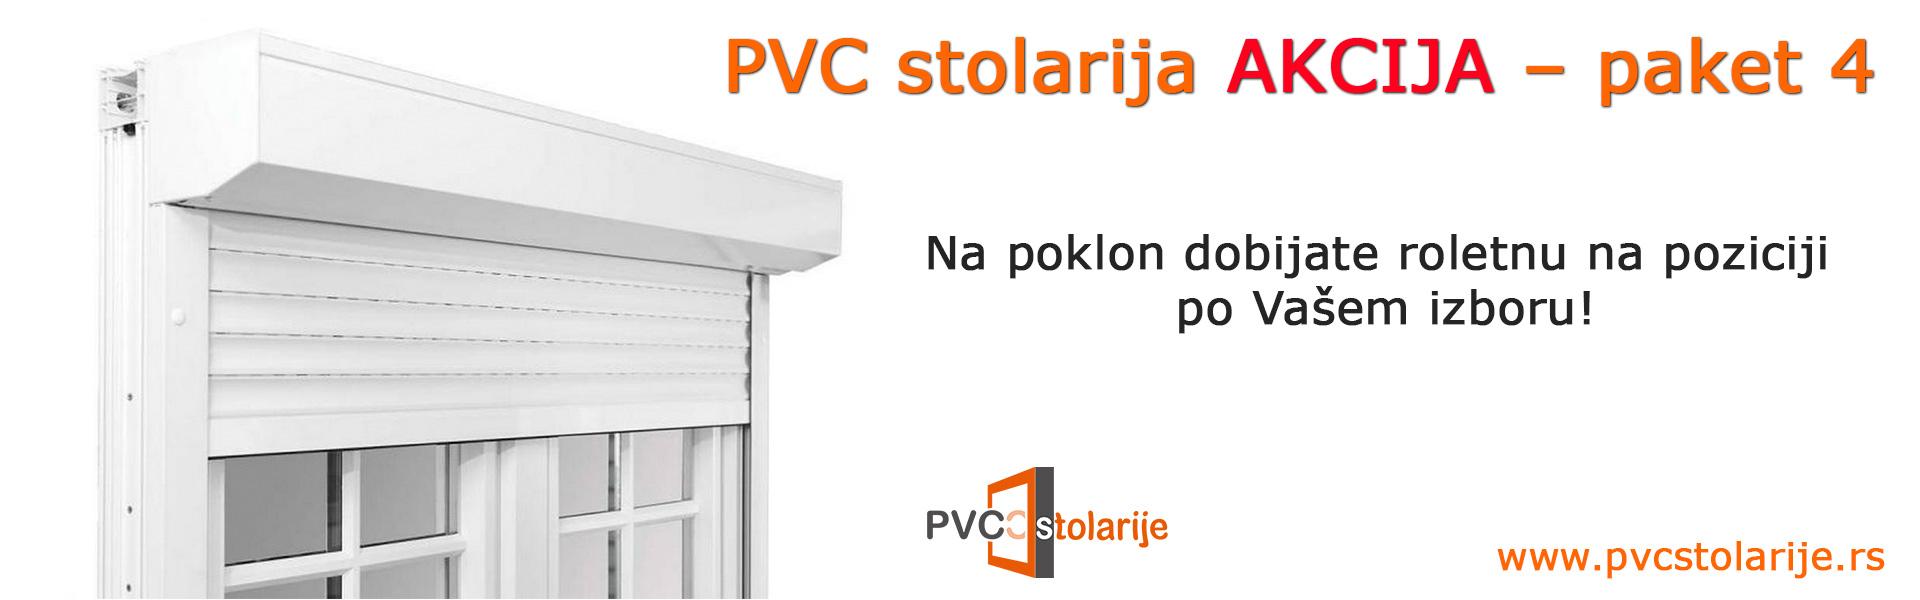 PVC stolarija akcija – paket 4 - PVC Stolarije Tim